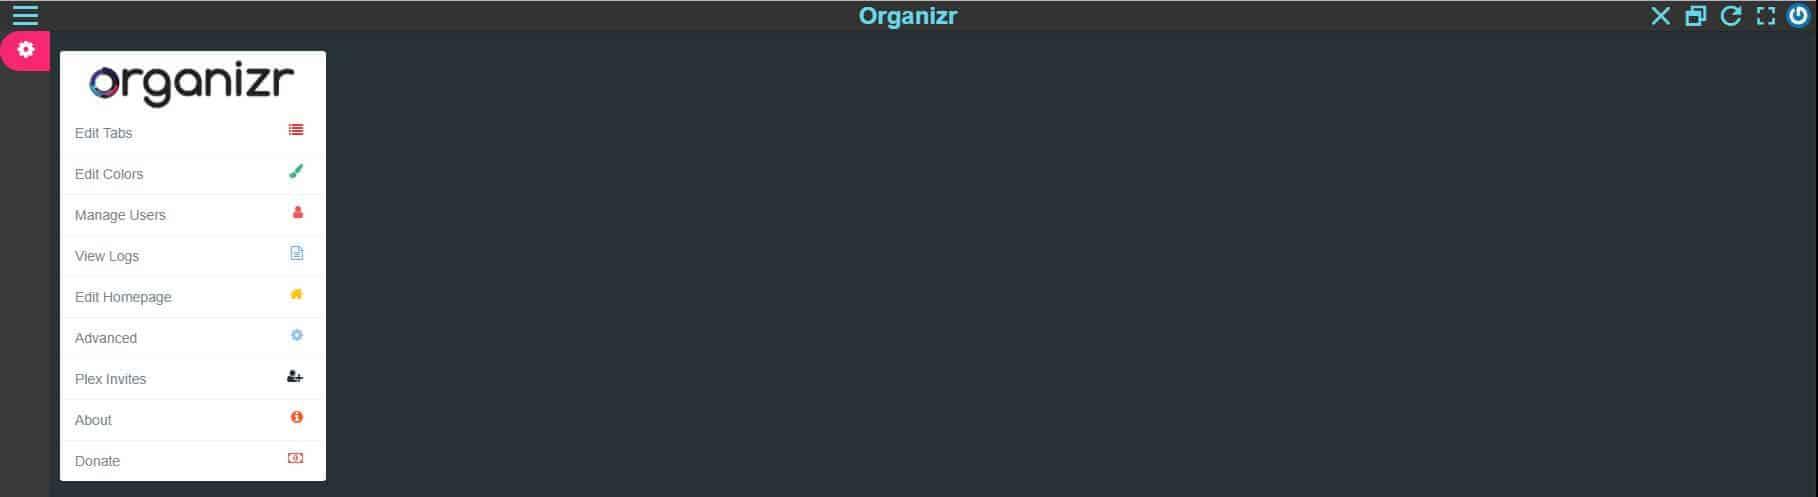 Install Organizr using Docker - HTPC/Homelab services organizer